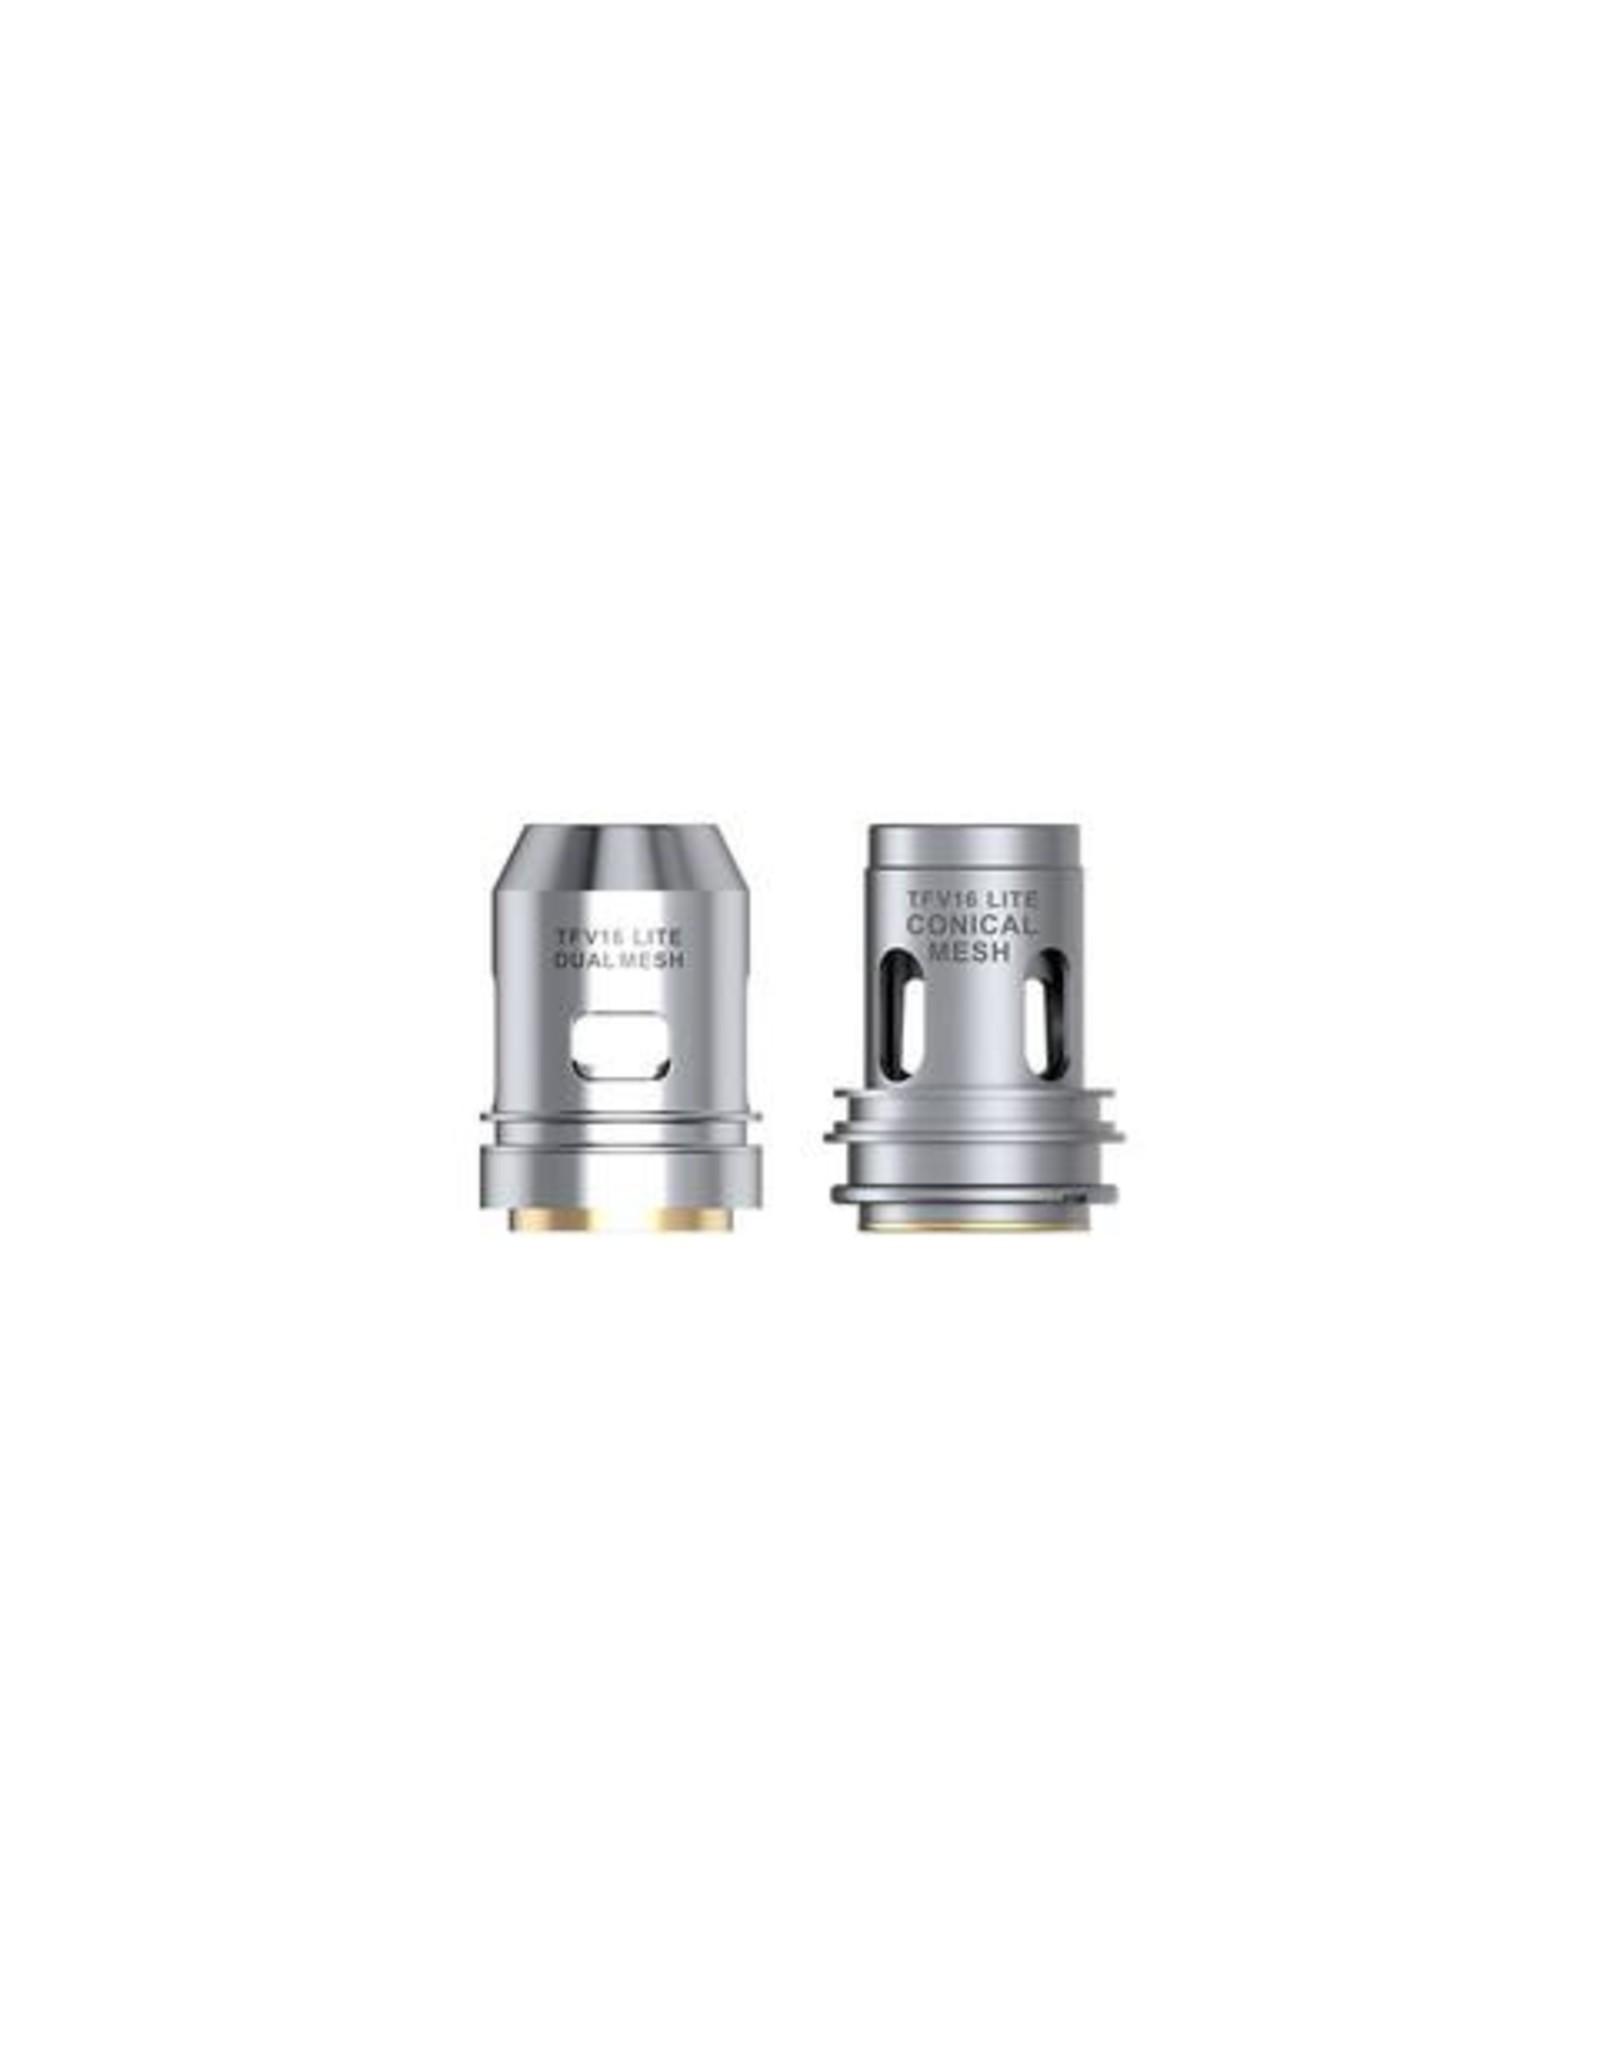 SMOK SMOK TFV16 Lite Replacement Coil